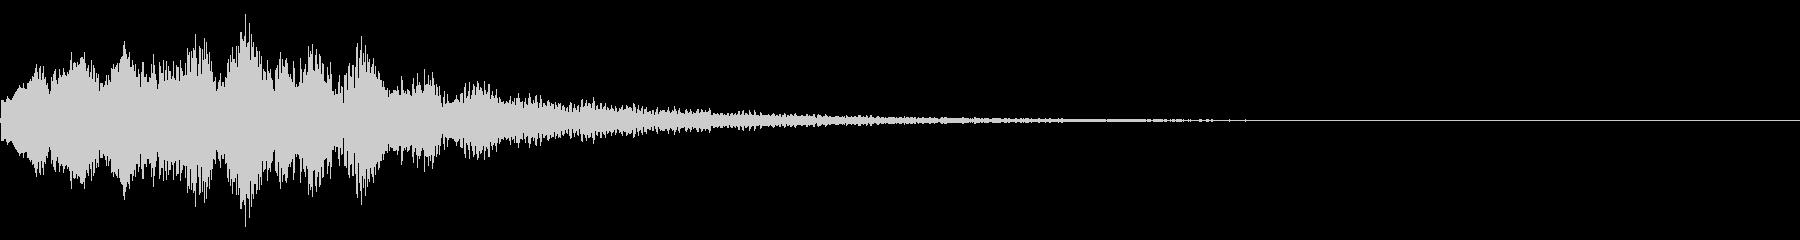 キラーン(星、光、魔法、テロップ等)04の未再生の波形